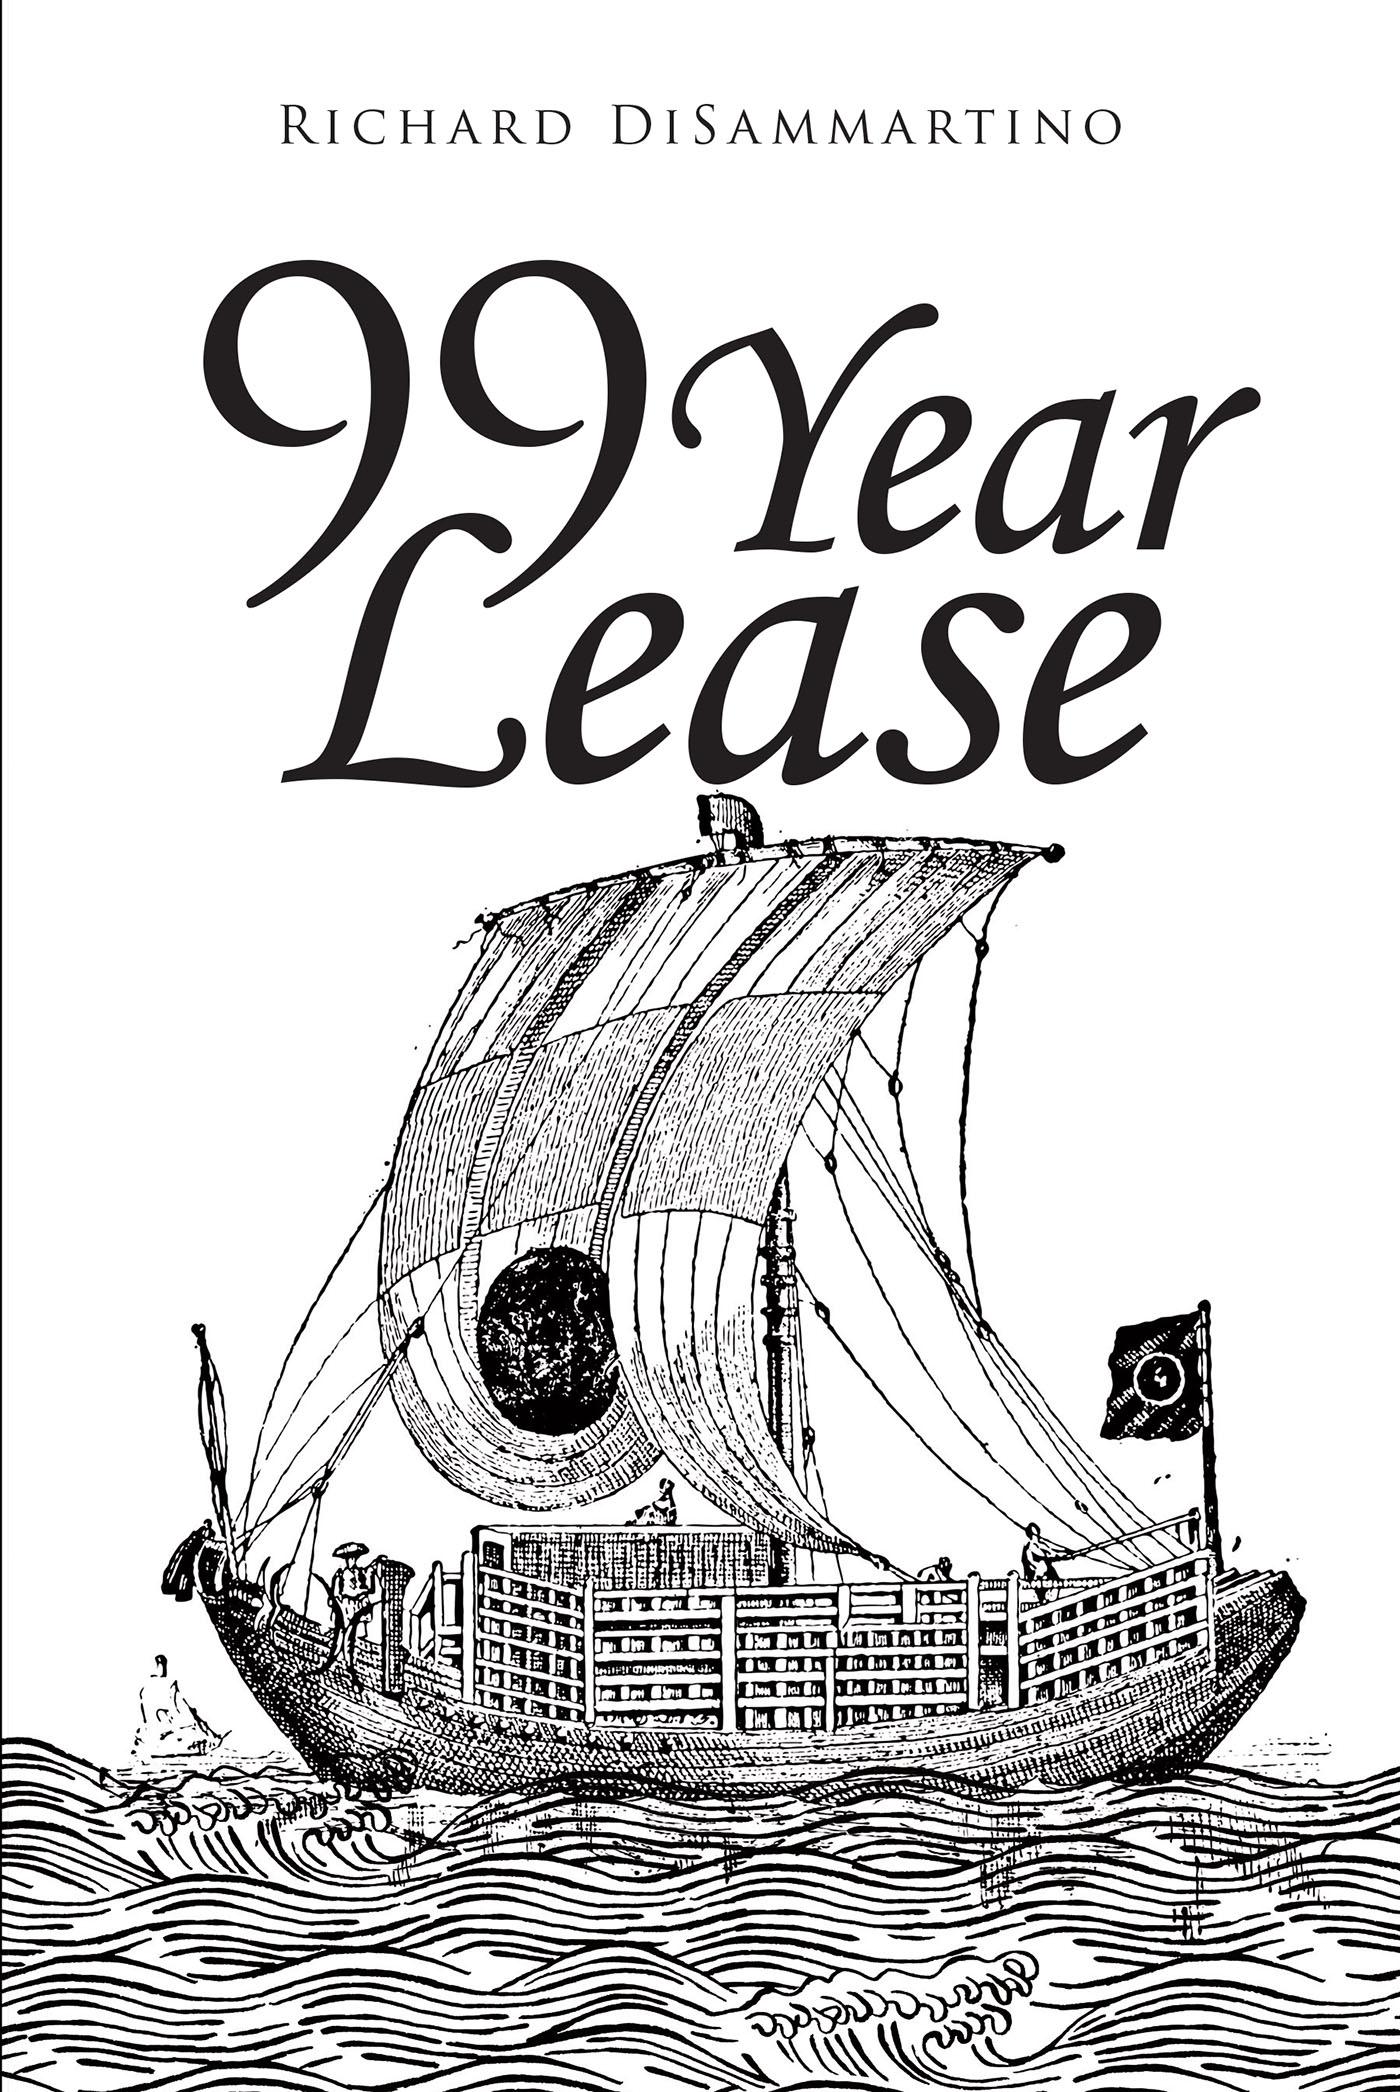 """Richard DiSammartino's new book """"99 Year Lease: Hong Kong"""